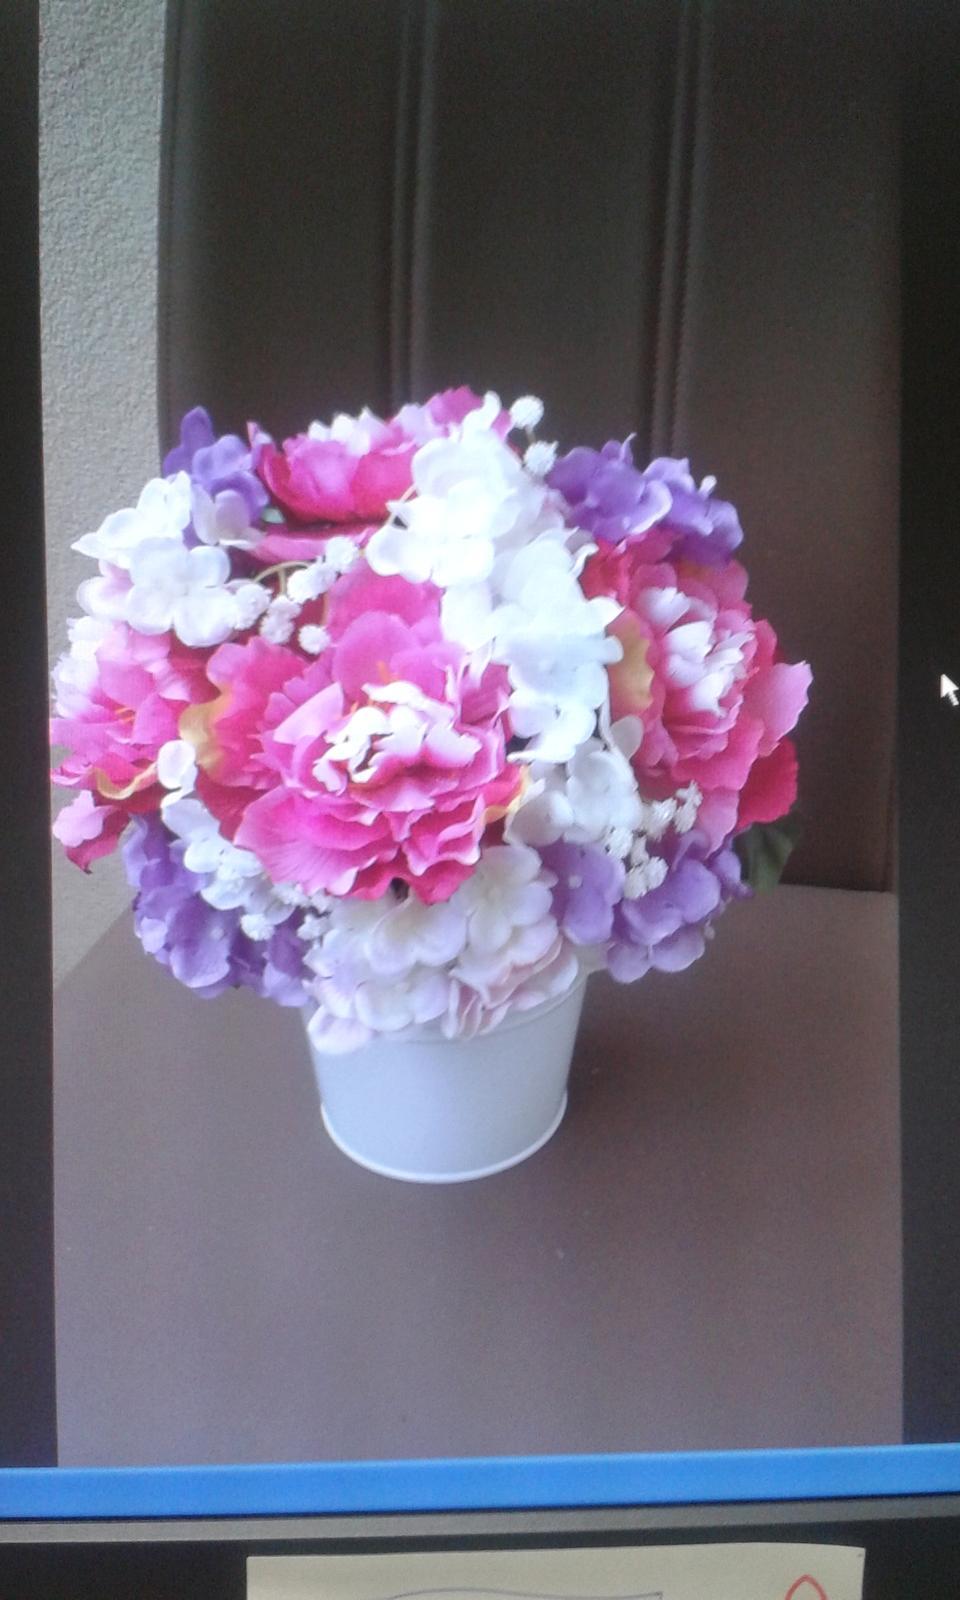 Chytila som svadobnú kyticu na kamarátkinej svadbe .... - ikebany ktoré budú zdobiť schody pred  vchodom do sály... :)